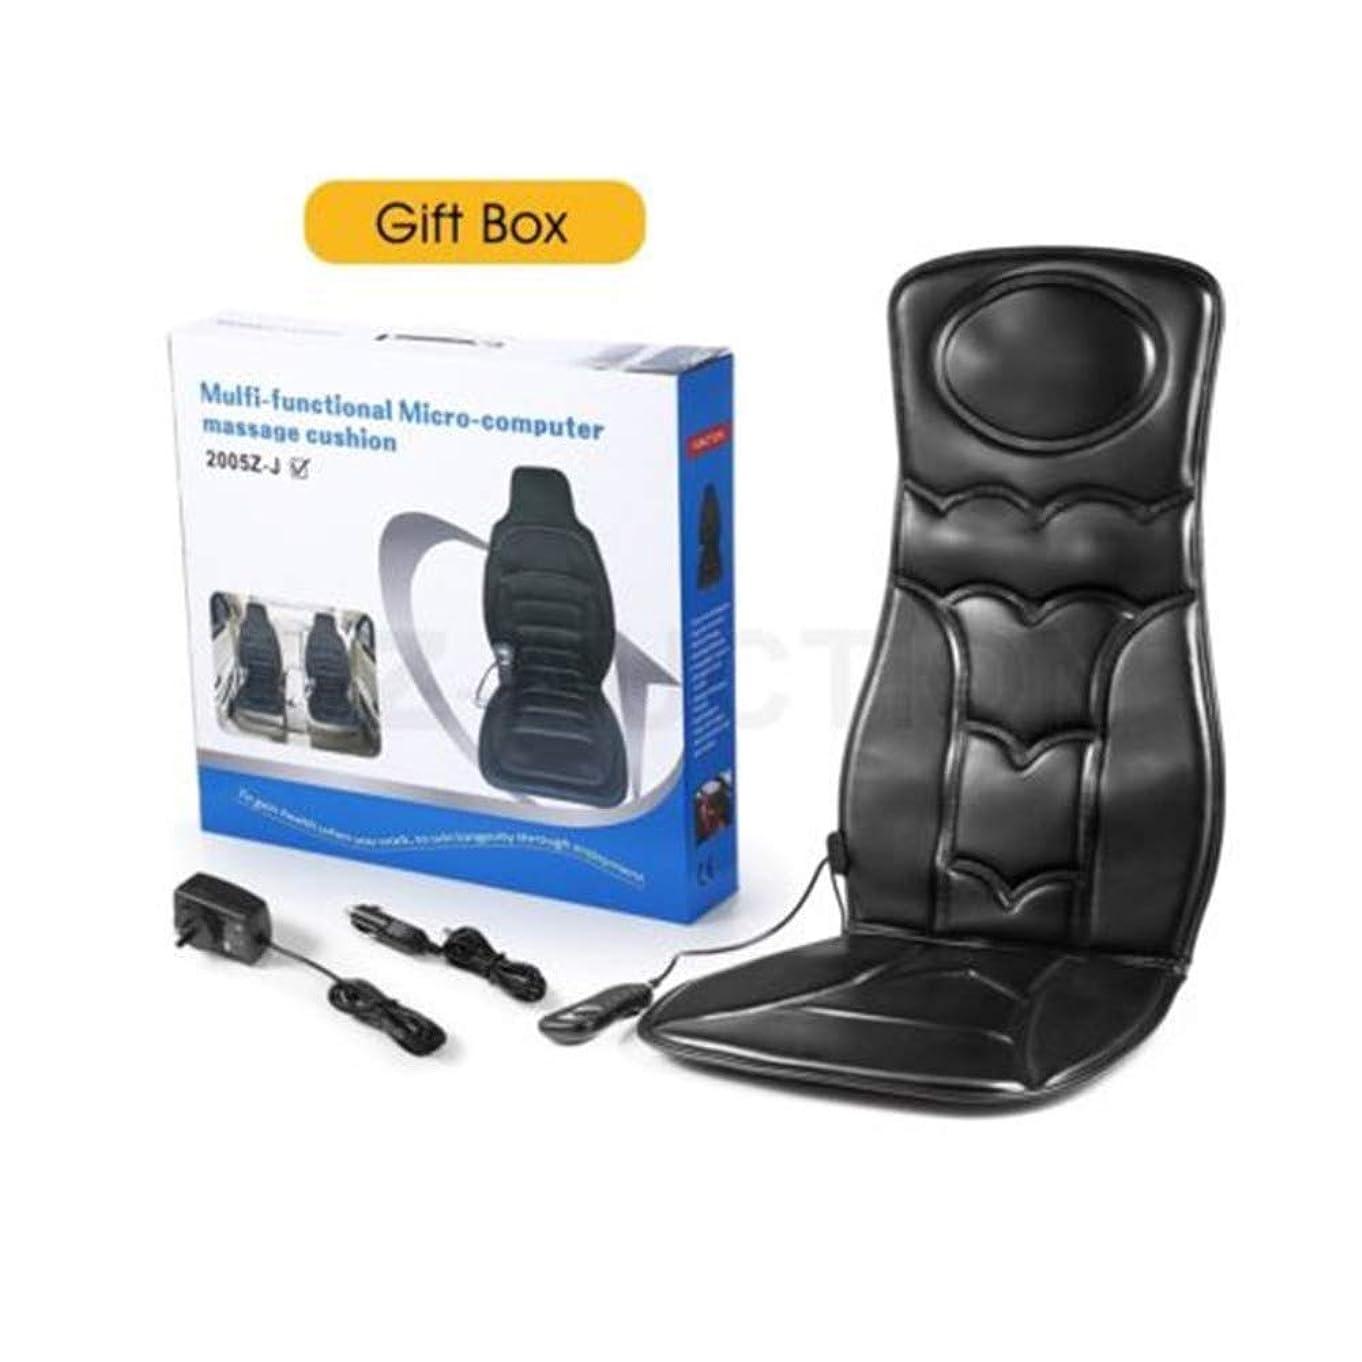 クラックプロフィール光ホームオフィスの車有線リモート制御が容易マッサージチェアのための10モーターの振動マッサージチェアパッドシートクッションW /ヒート